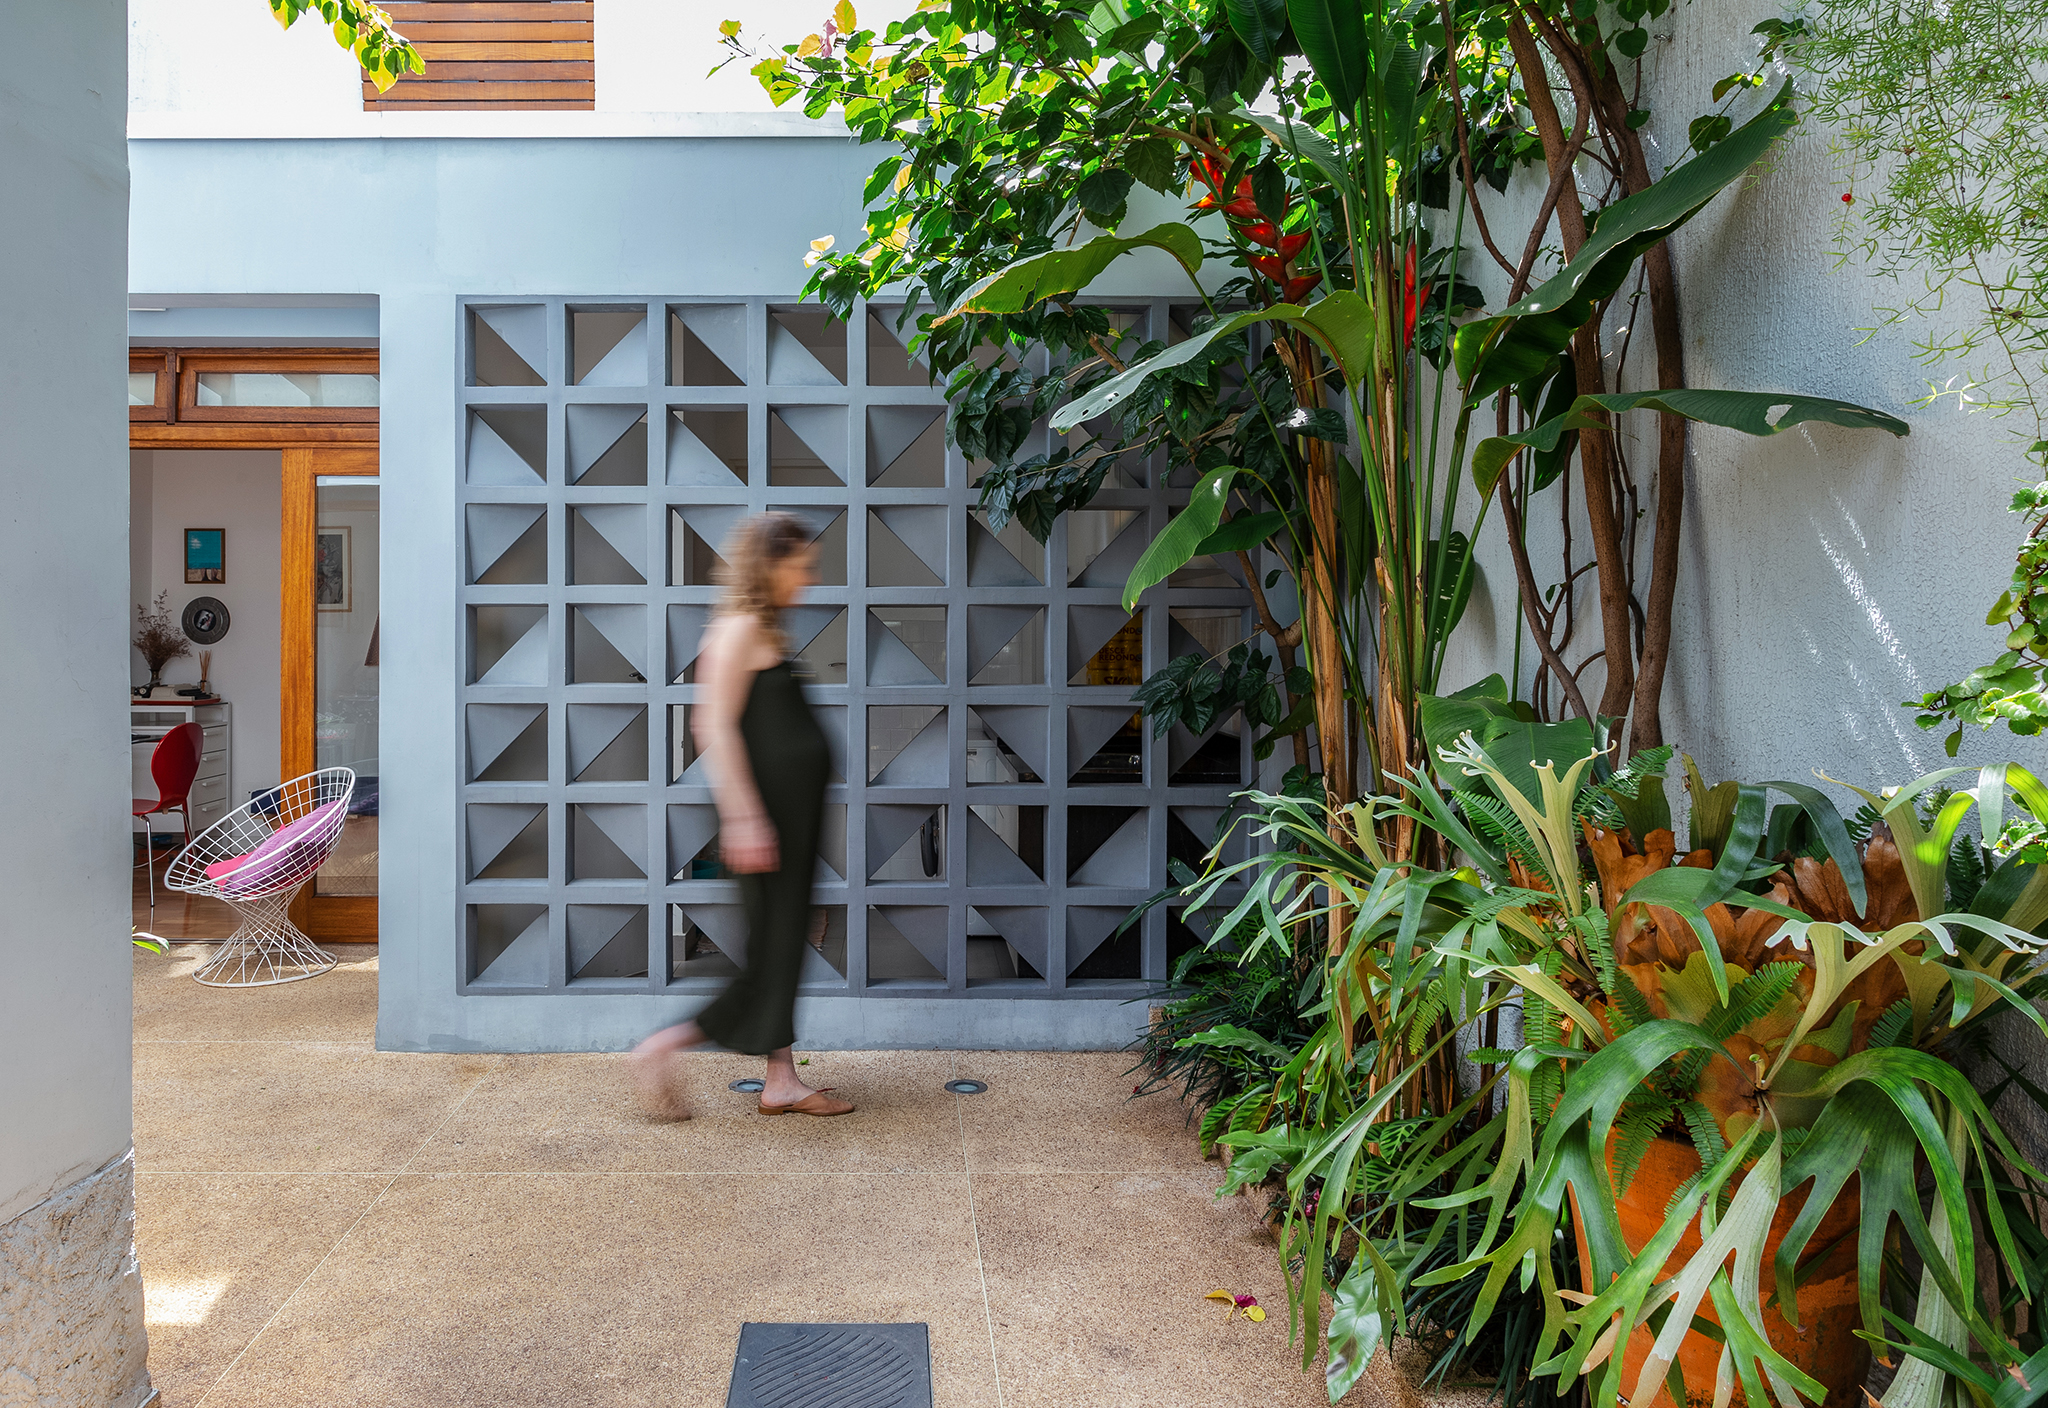 Casa de vila com jardim e parede de cobogós